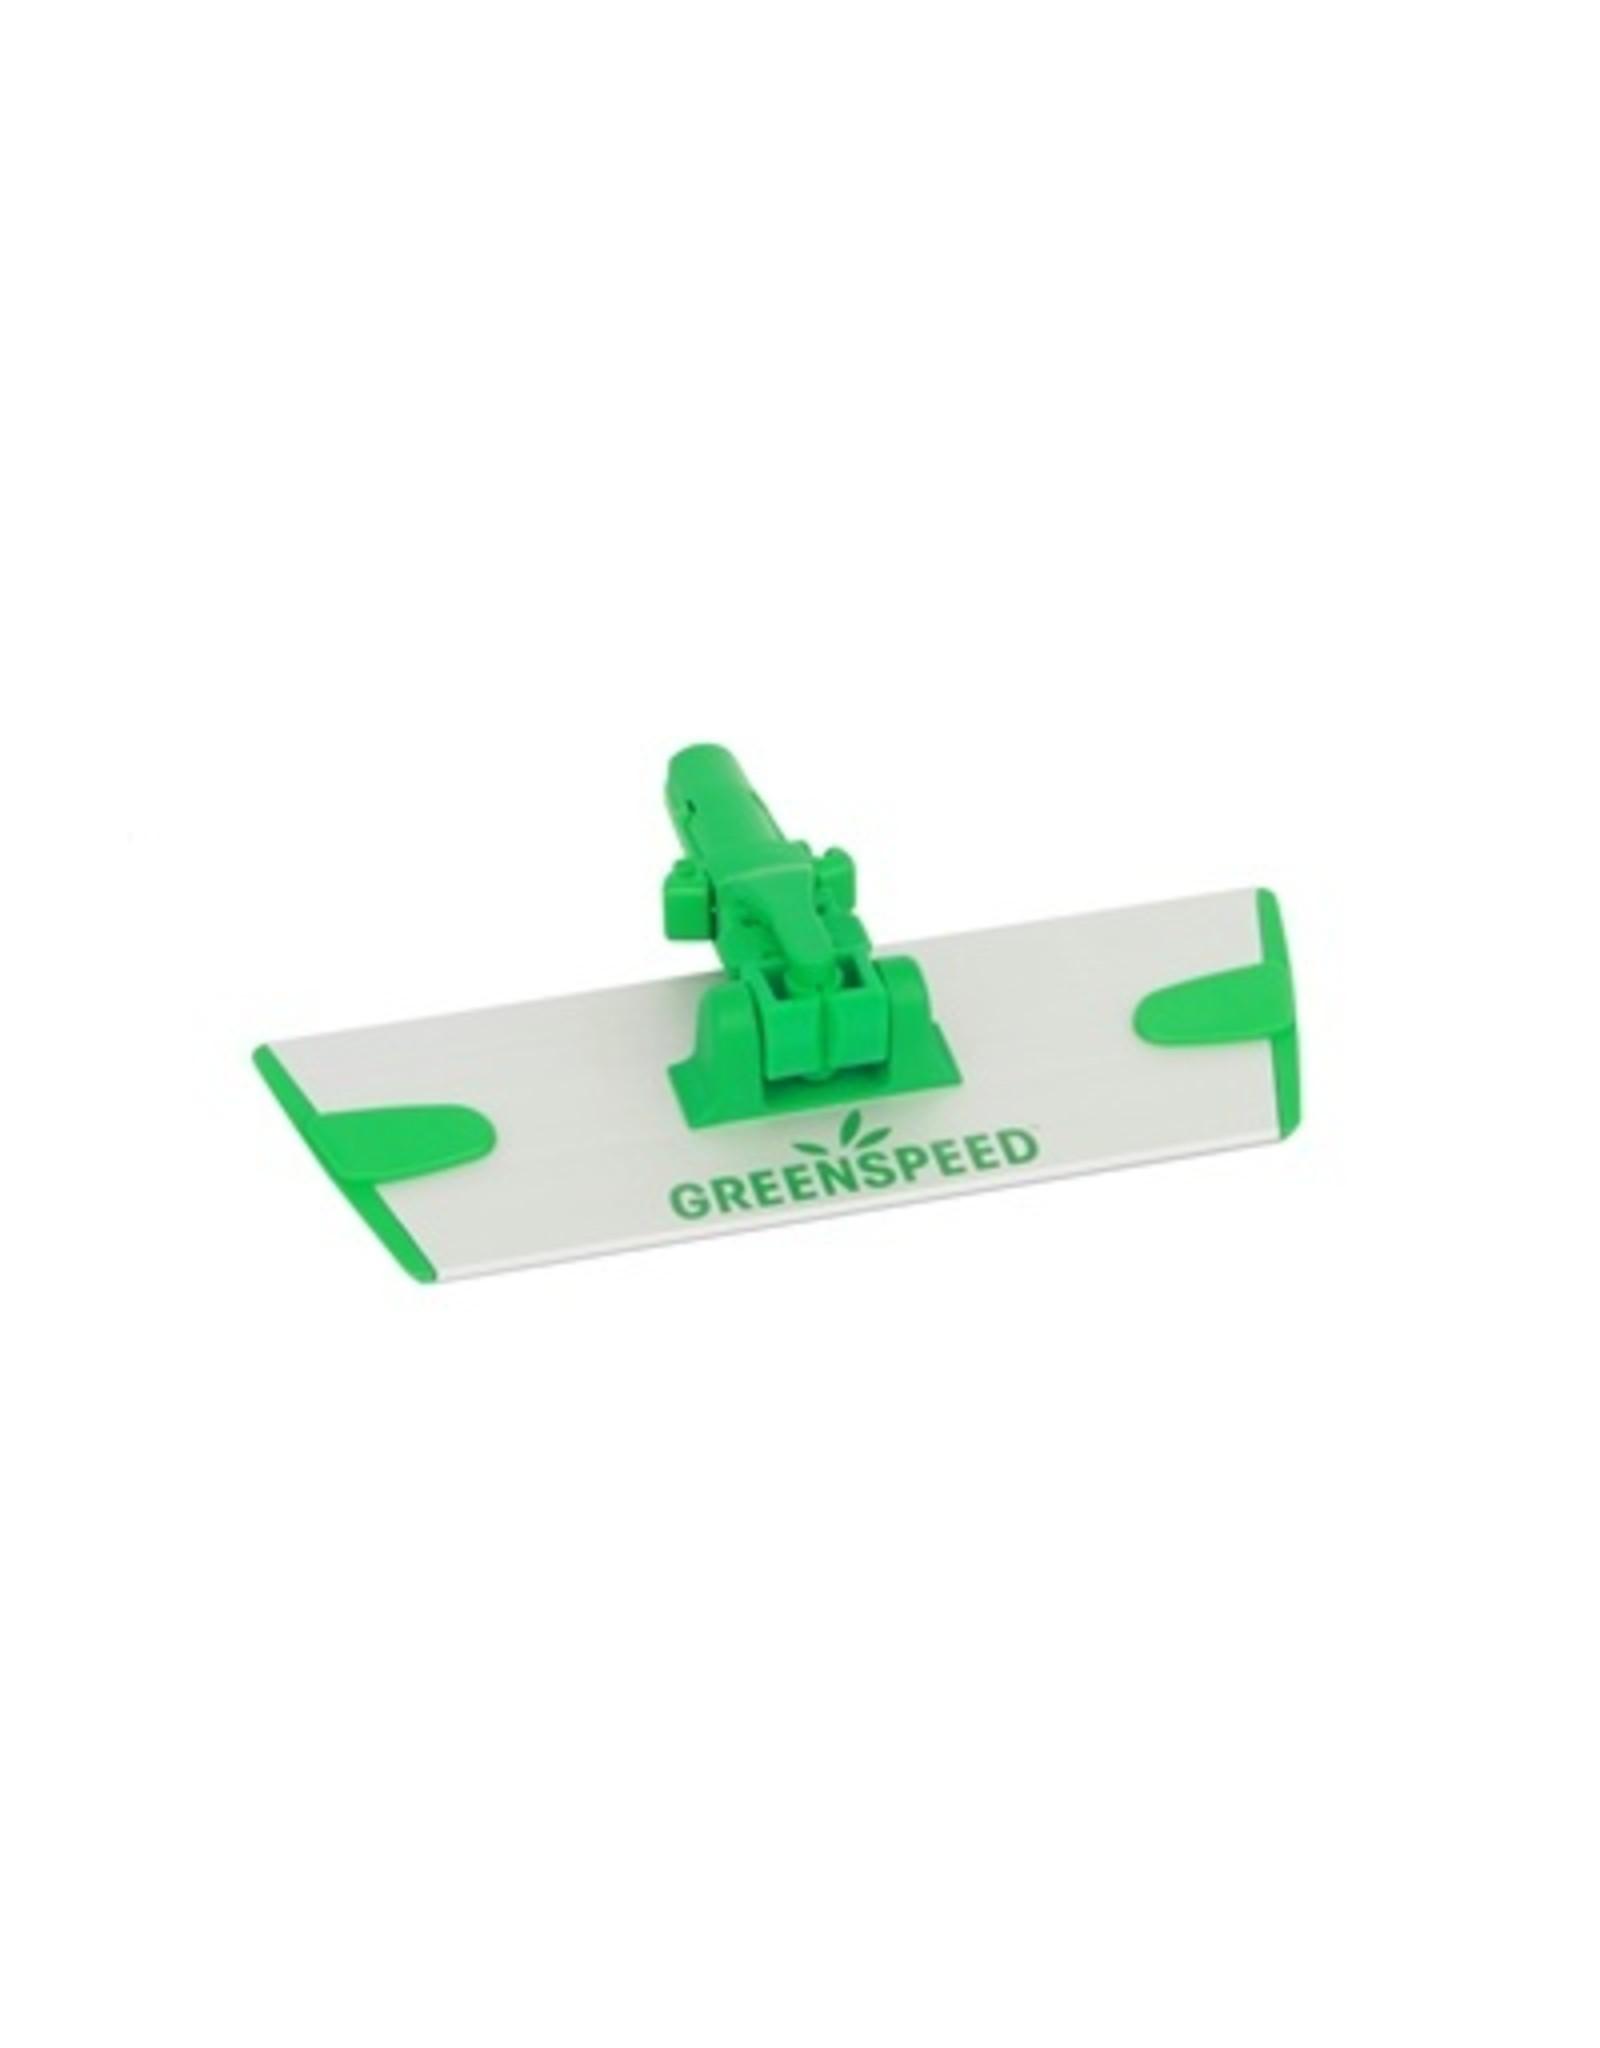 GREENSPEED Greenspeed Vlakmopplaat 23 cm Velcro